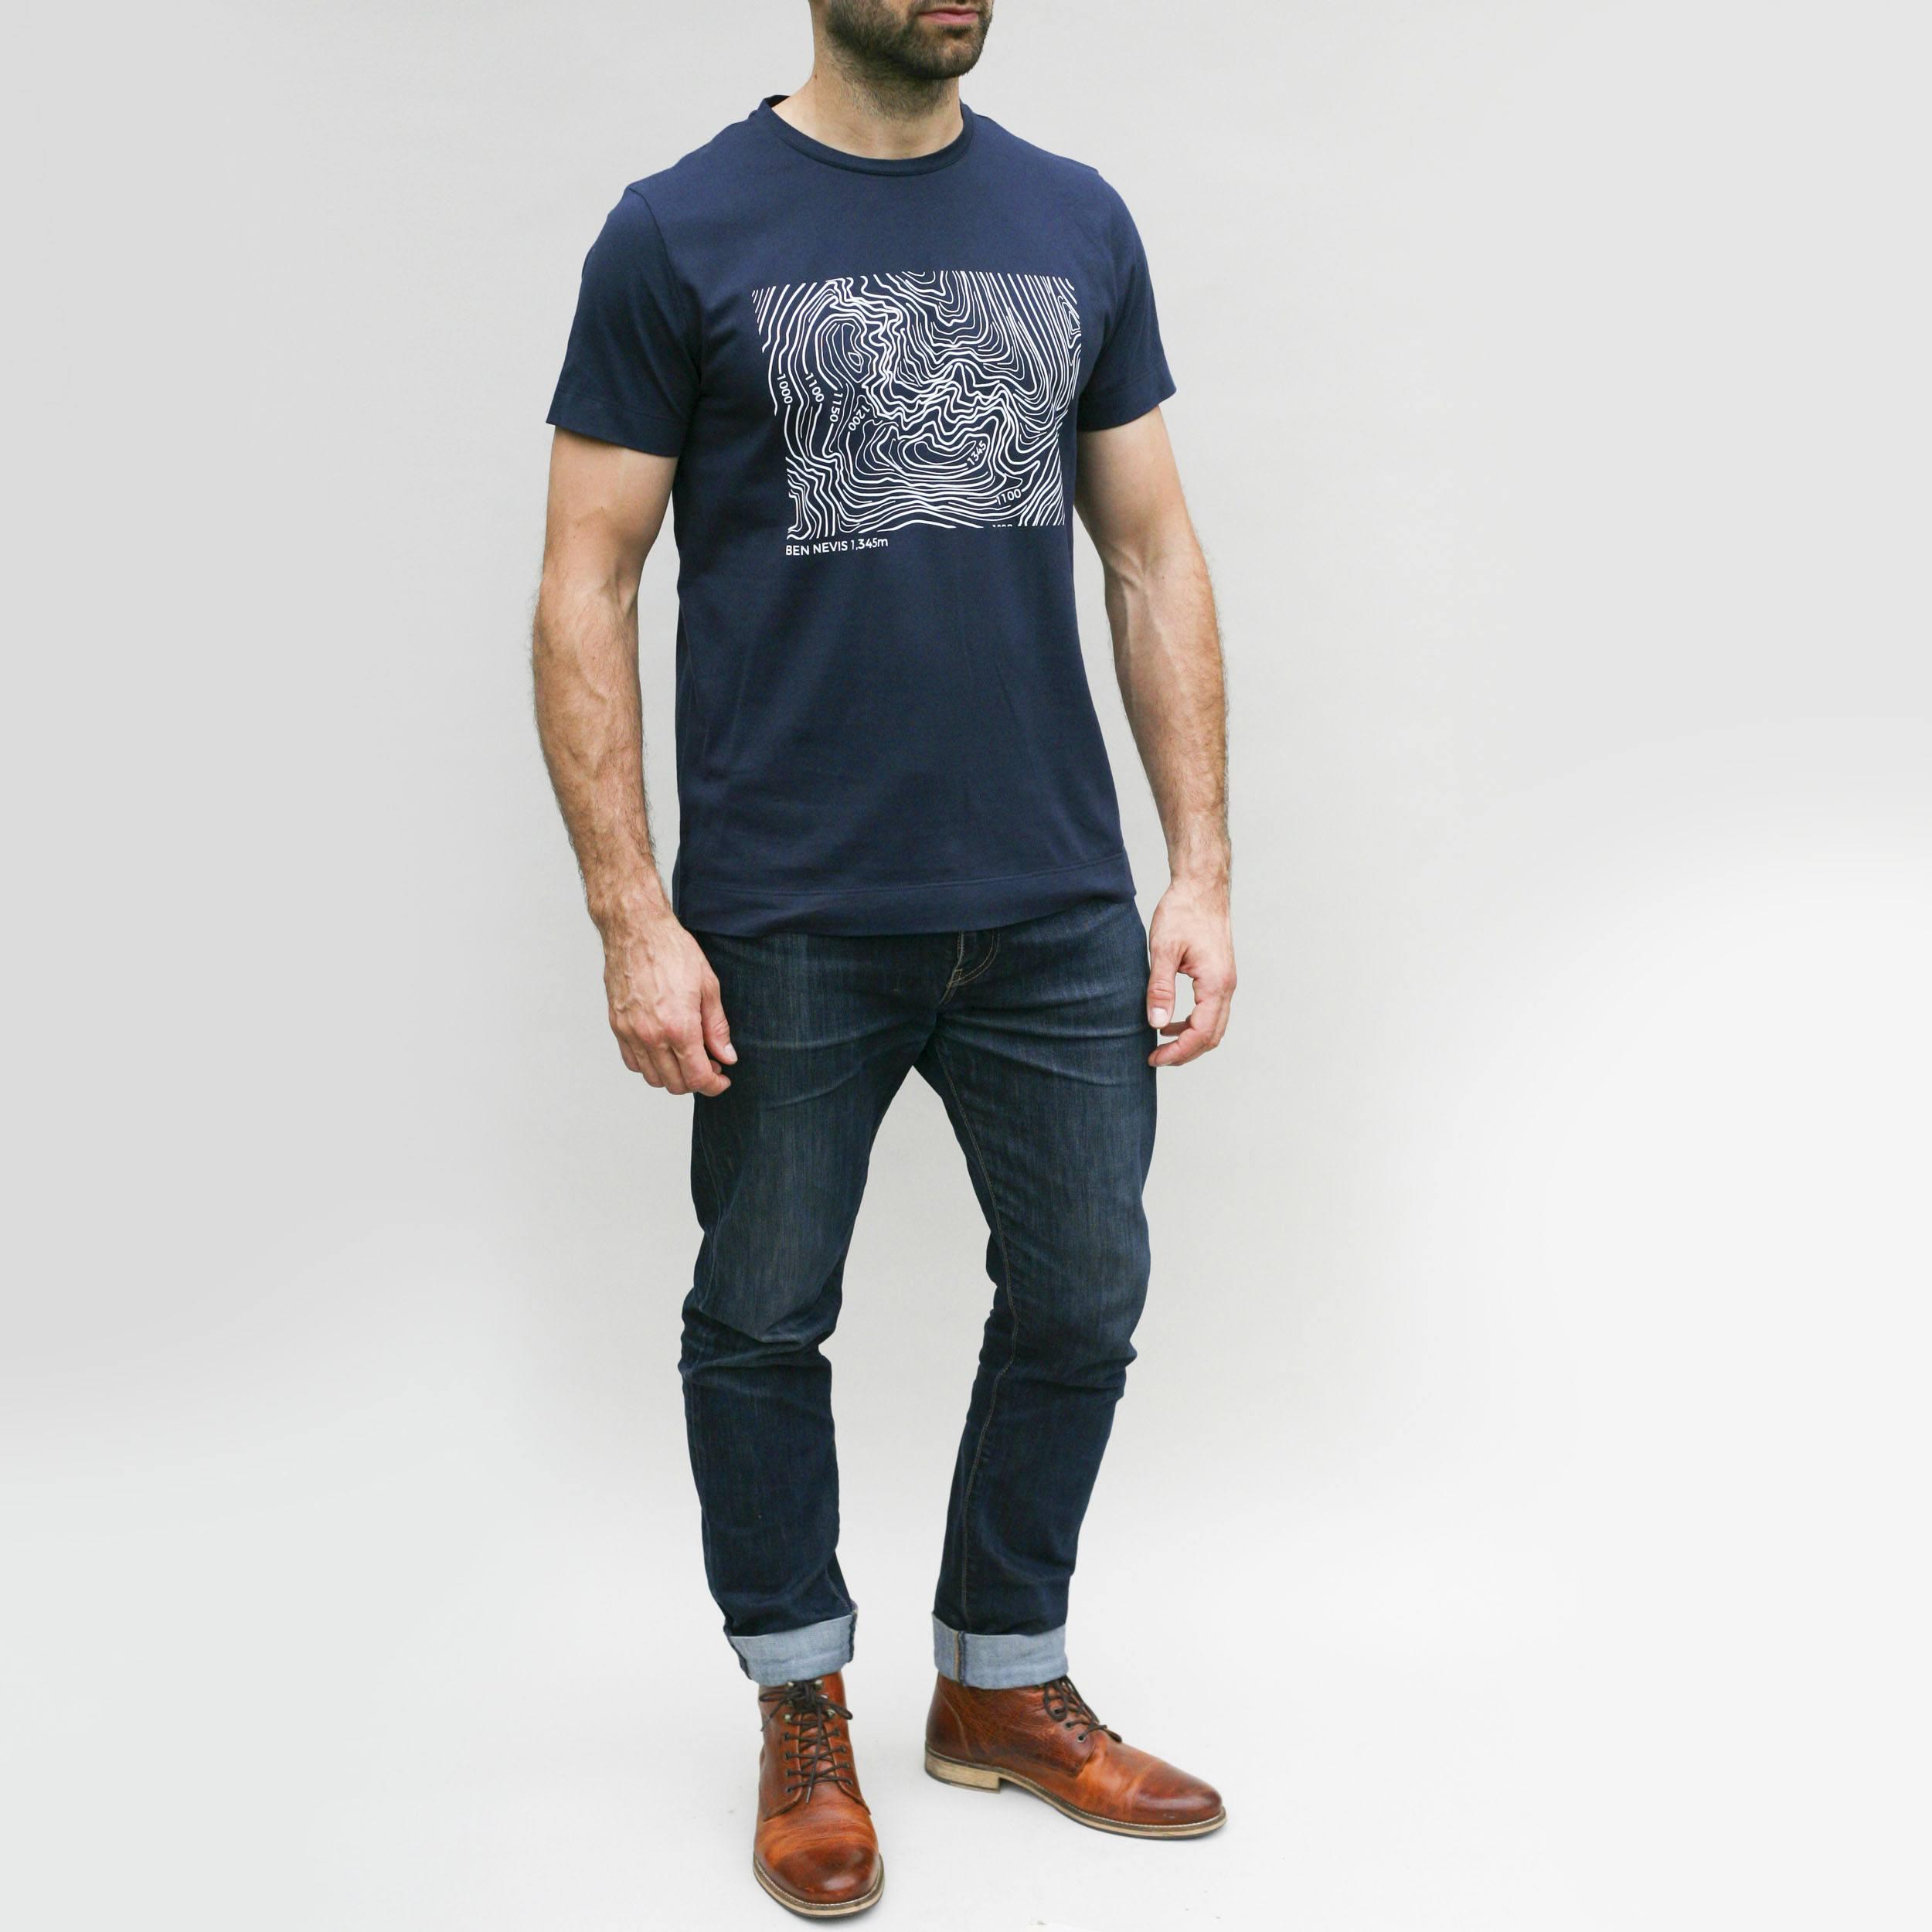 Ben Nevis T-shirt ASANOX OUTERWEAR-1